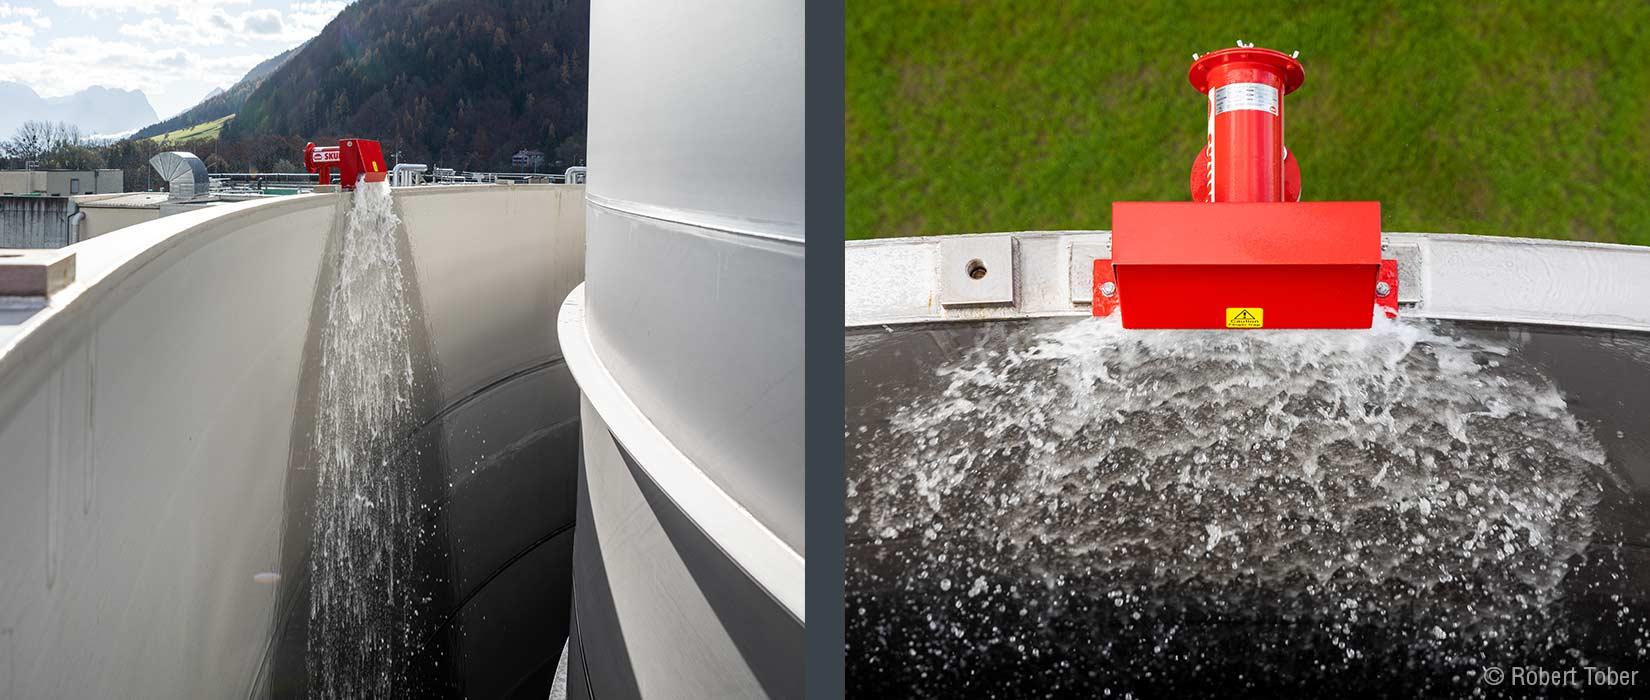 Bio-Ethanol-Anlage AustroCel Hallein. Stickstoffinertisierung und Schaumlöschanlage. Ethanol-Tank Schaumtopf mit Ringspalt. © Robert Tober Photography · www.toro.cc